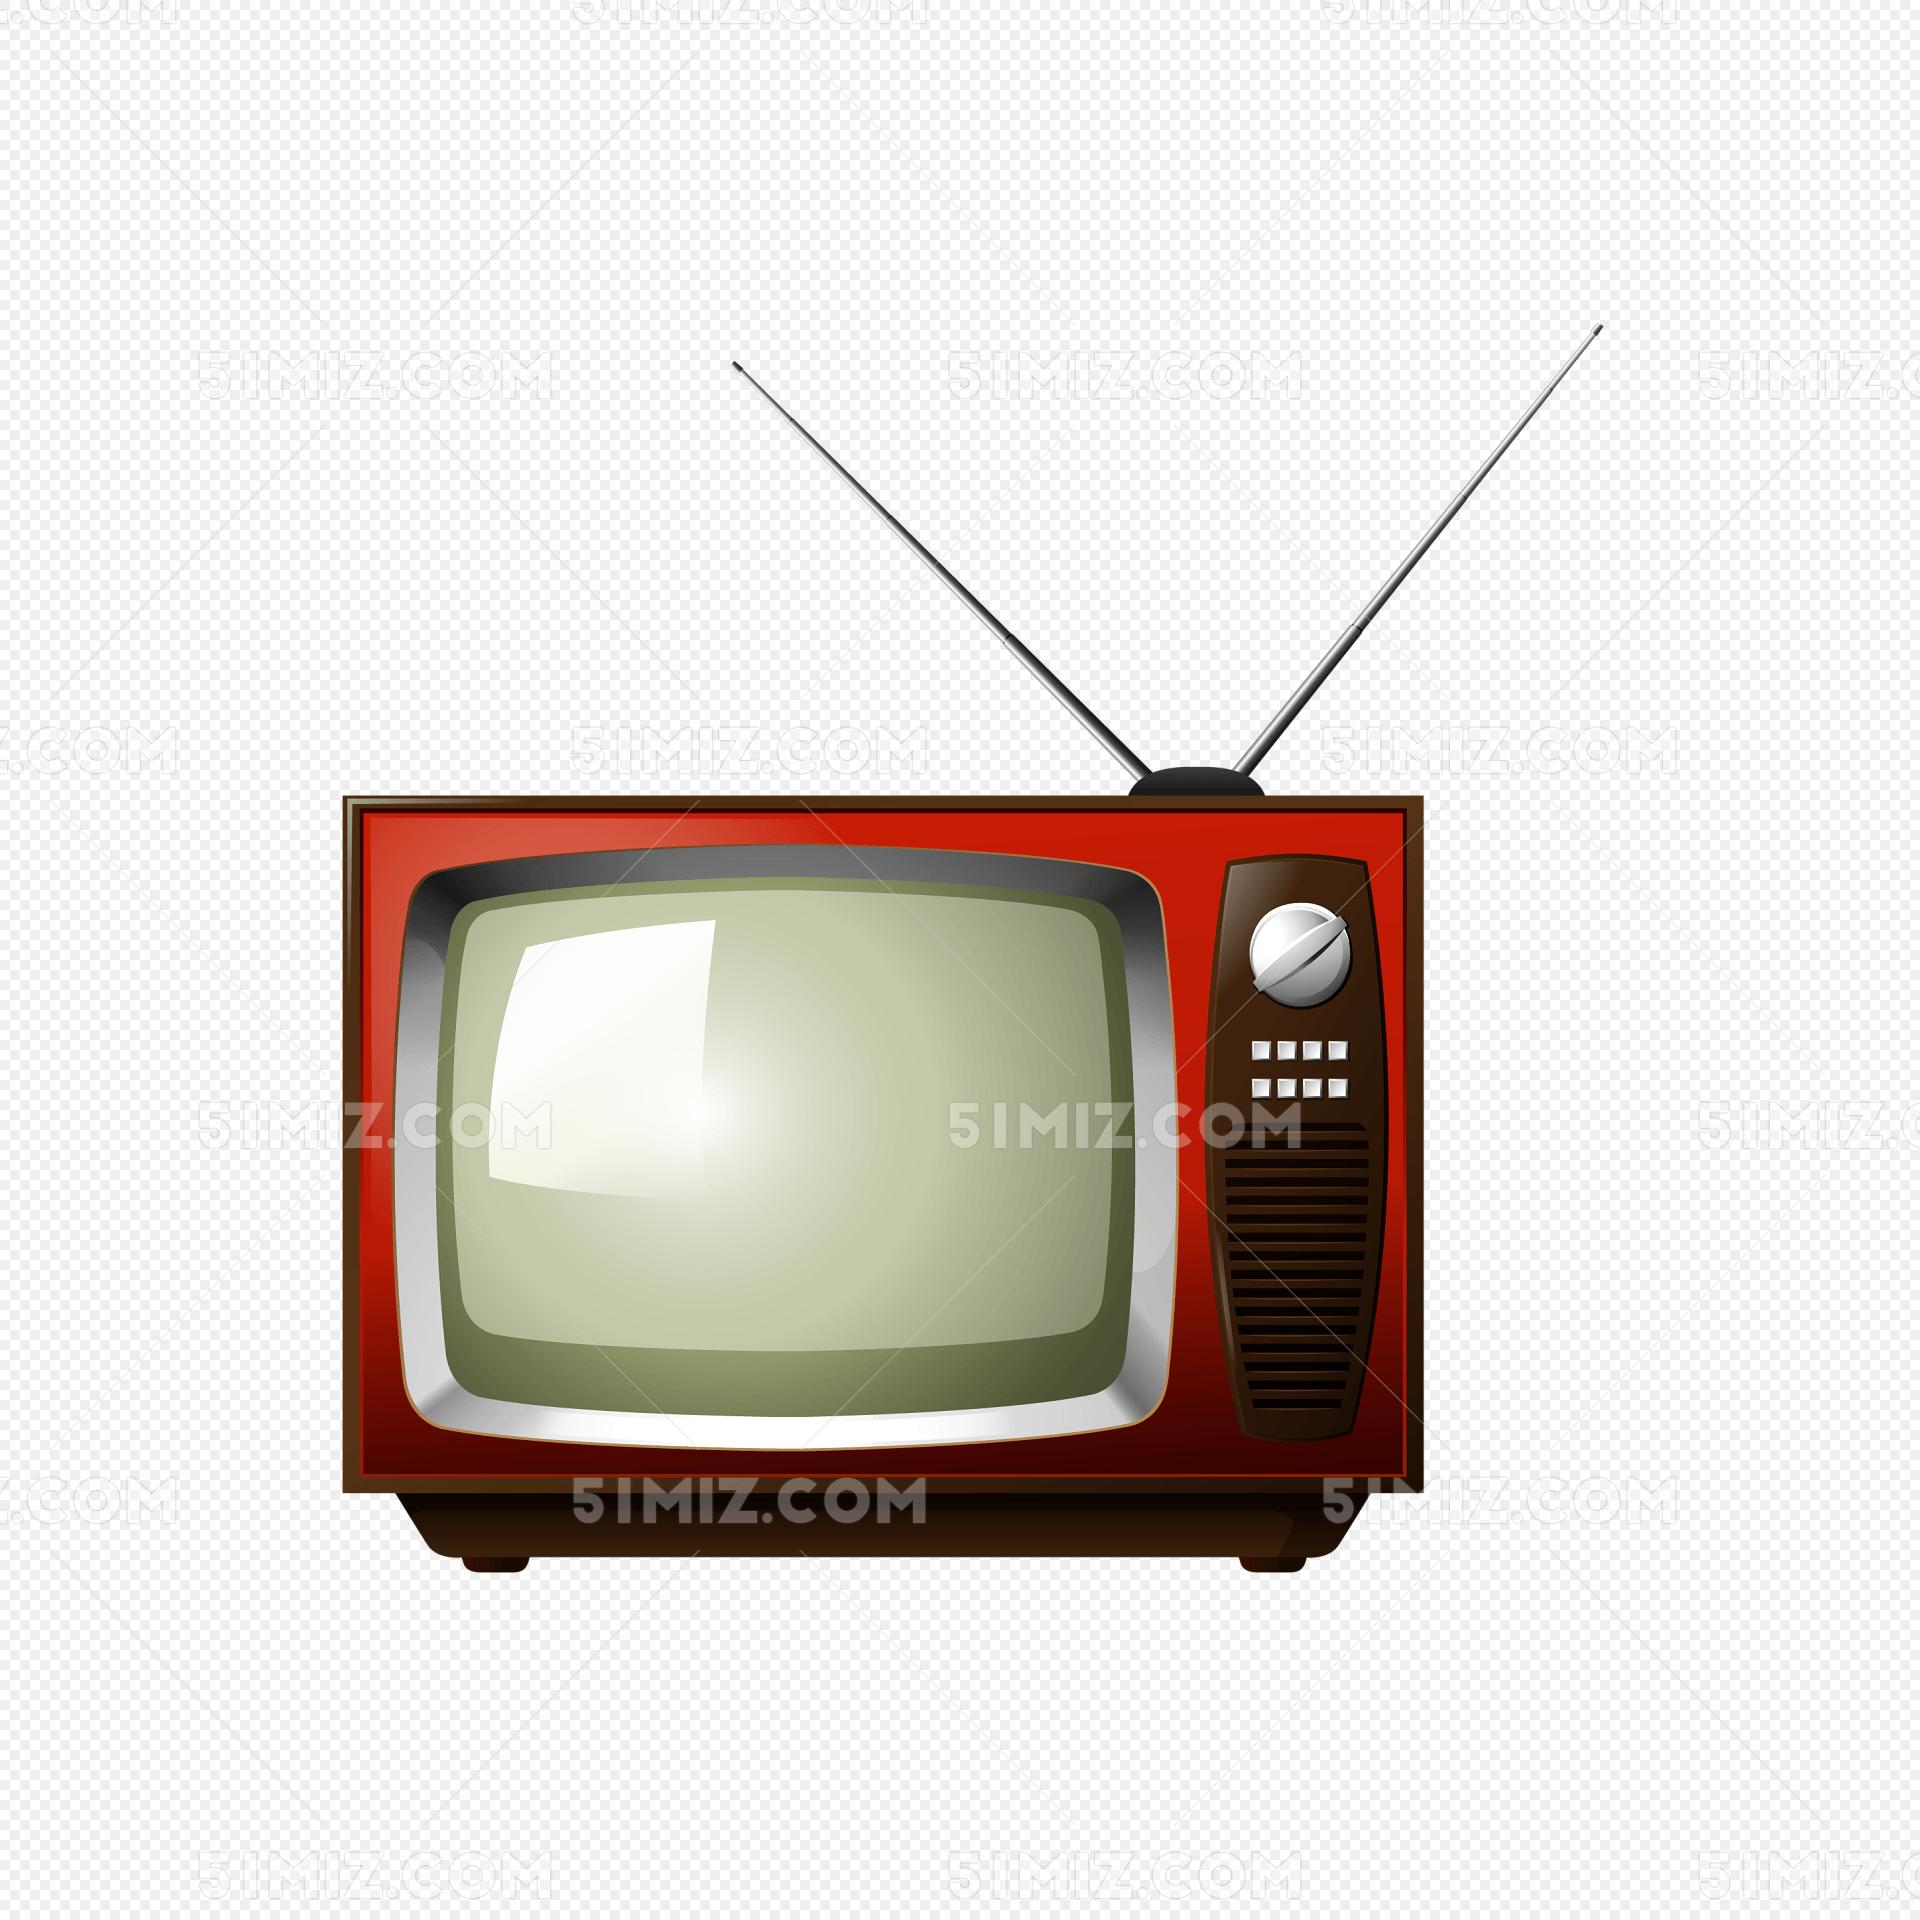 卡通红色电视机矢量素材